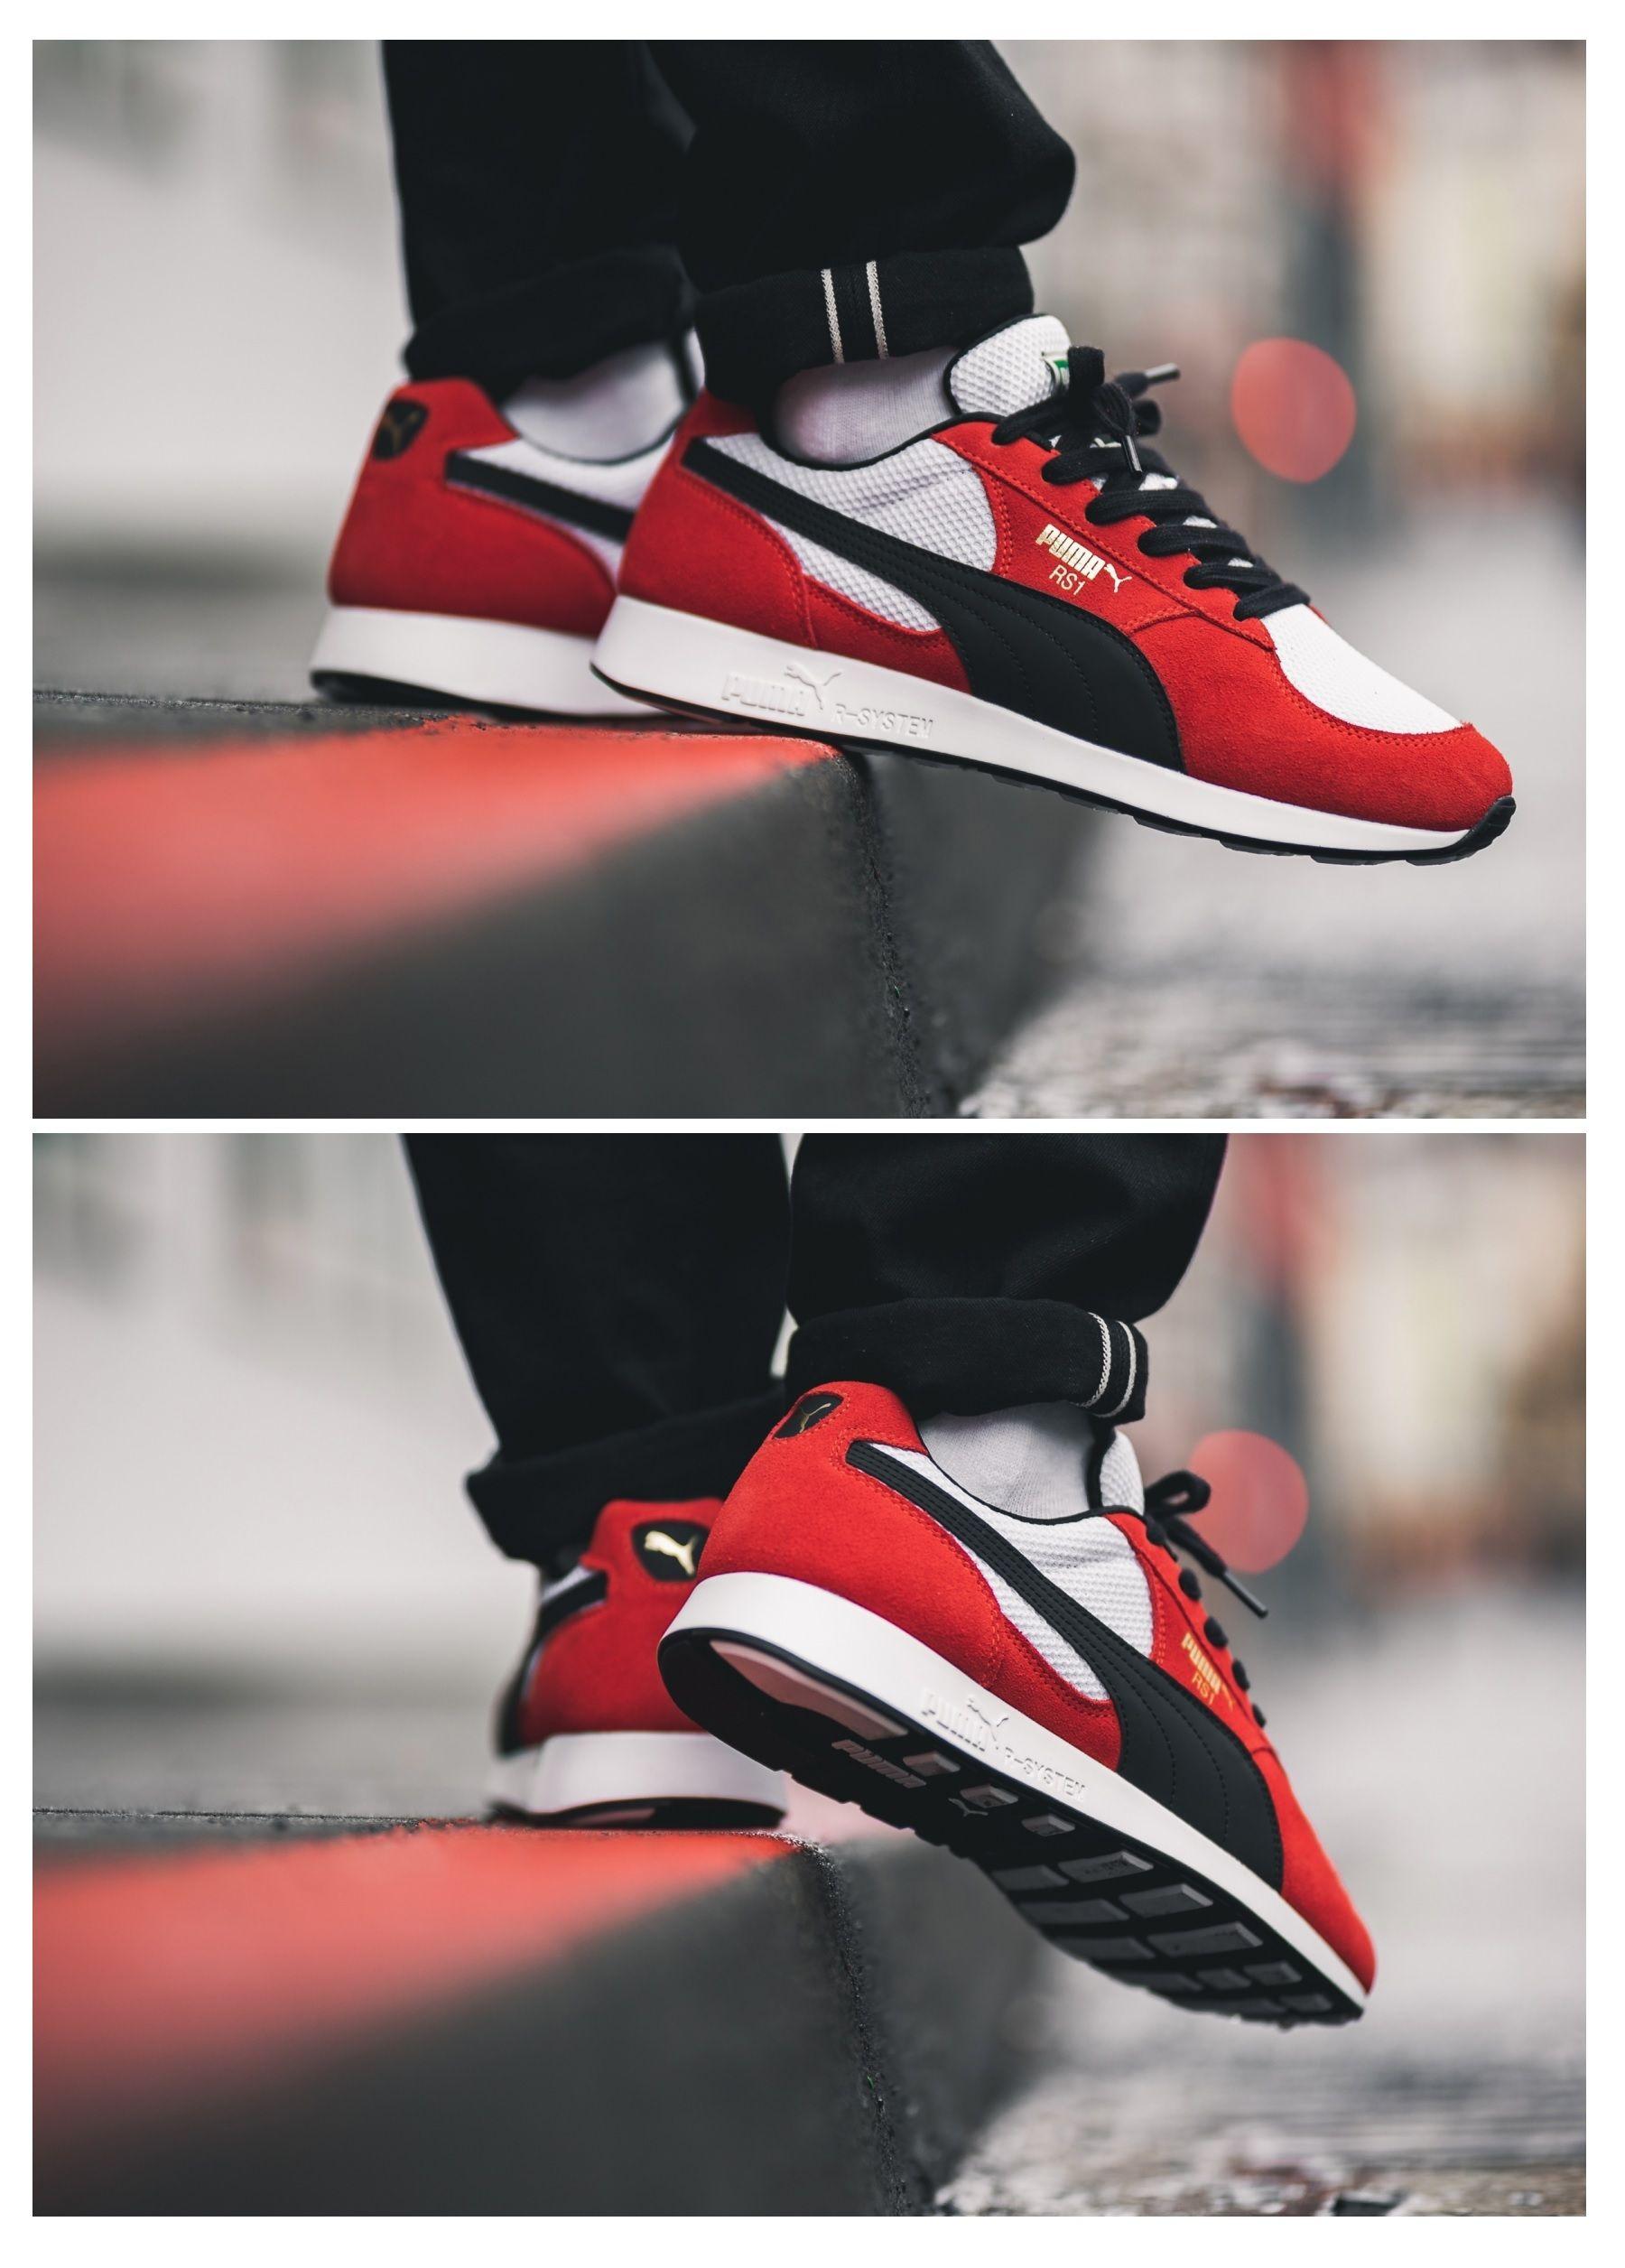 Pumas shoes, Sneakers, Sneakers nike